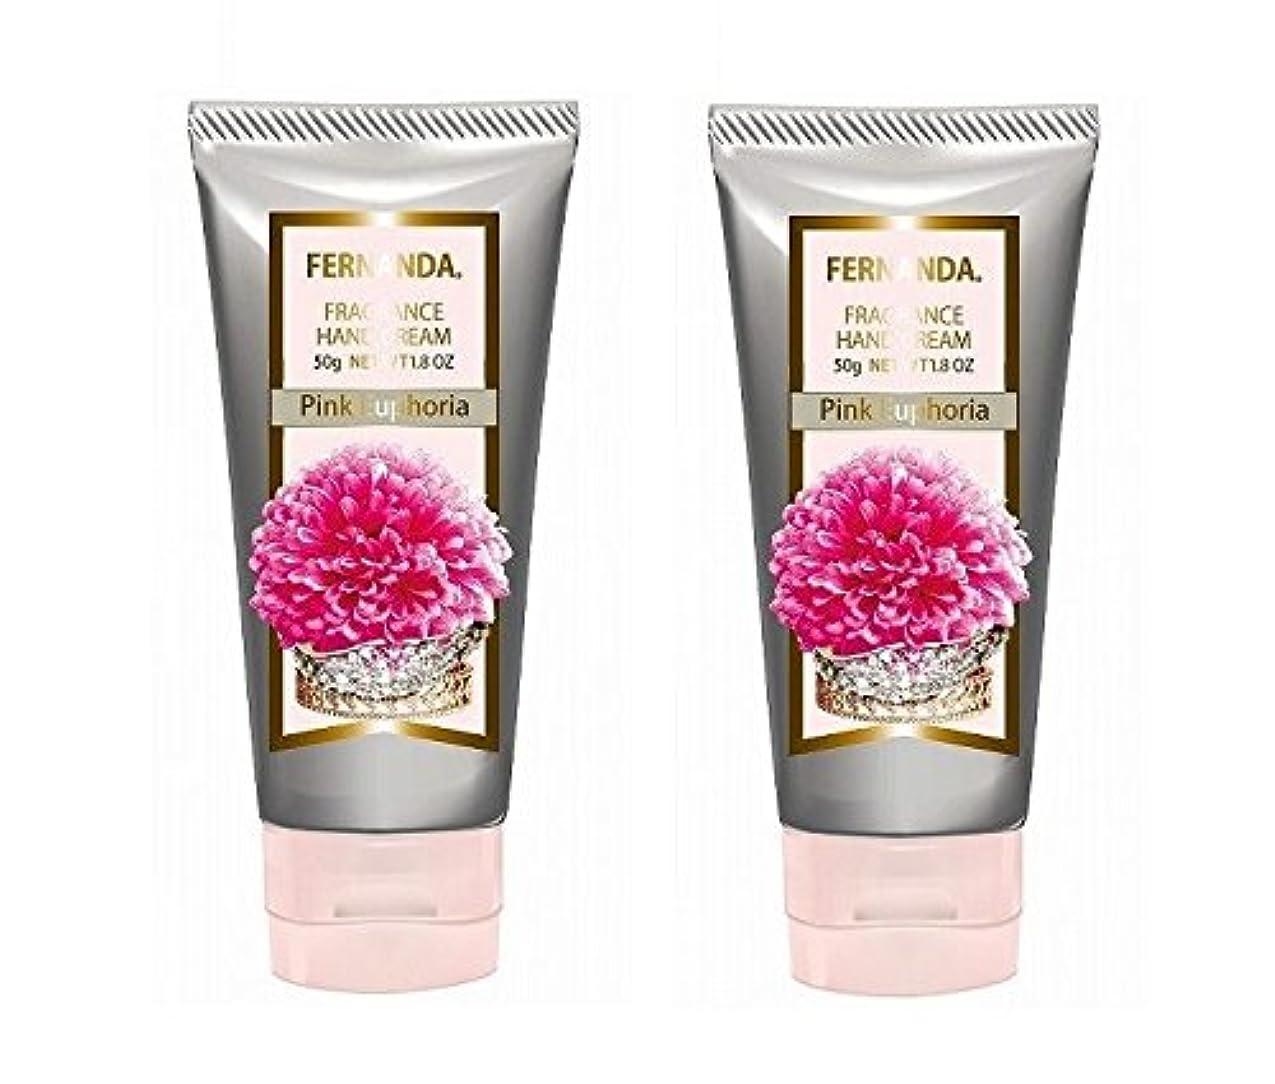 参照フィラデルフィア協力FERNANDA(フェルナンダ) Hand Cream Pink Euphoria (ハンドクリーム ピンクエウフォリア)×2個セット